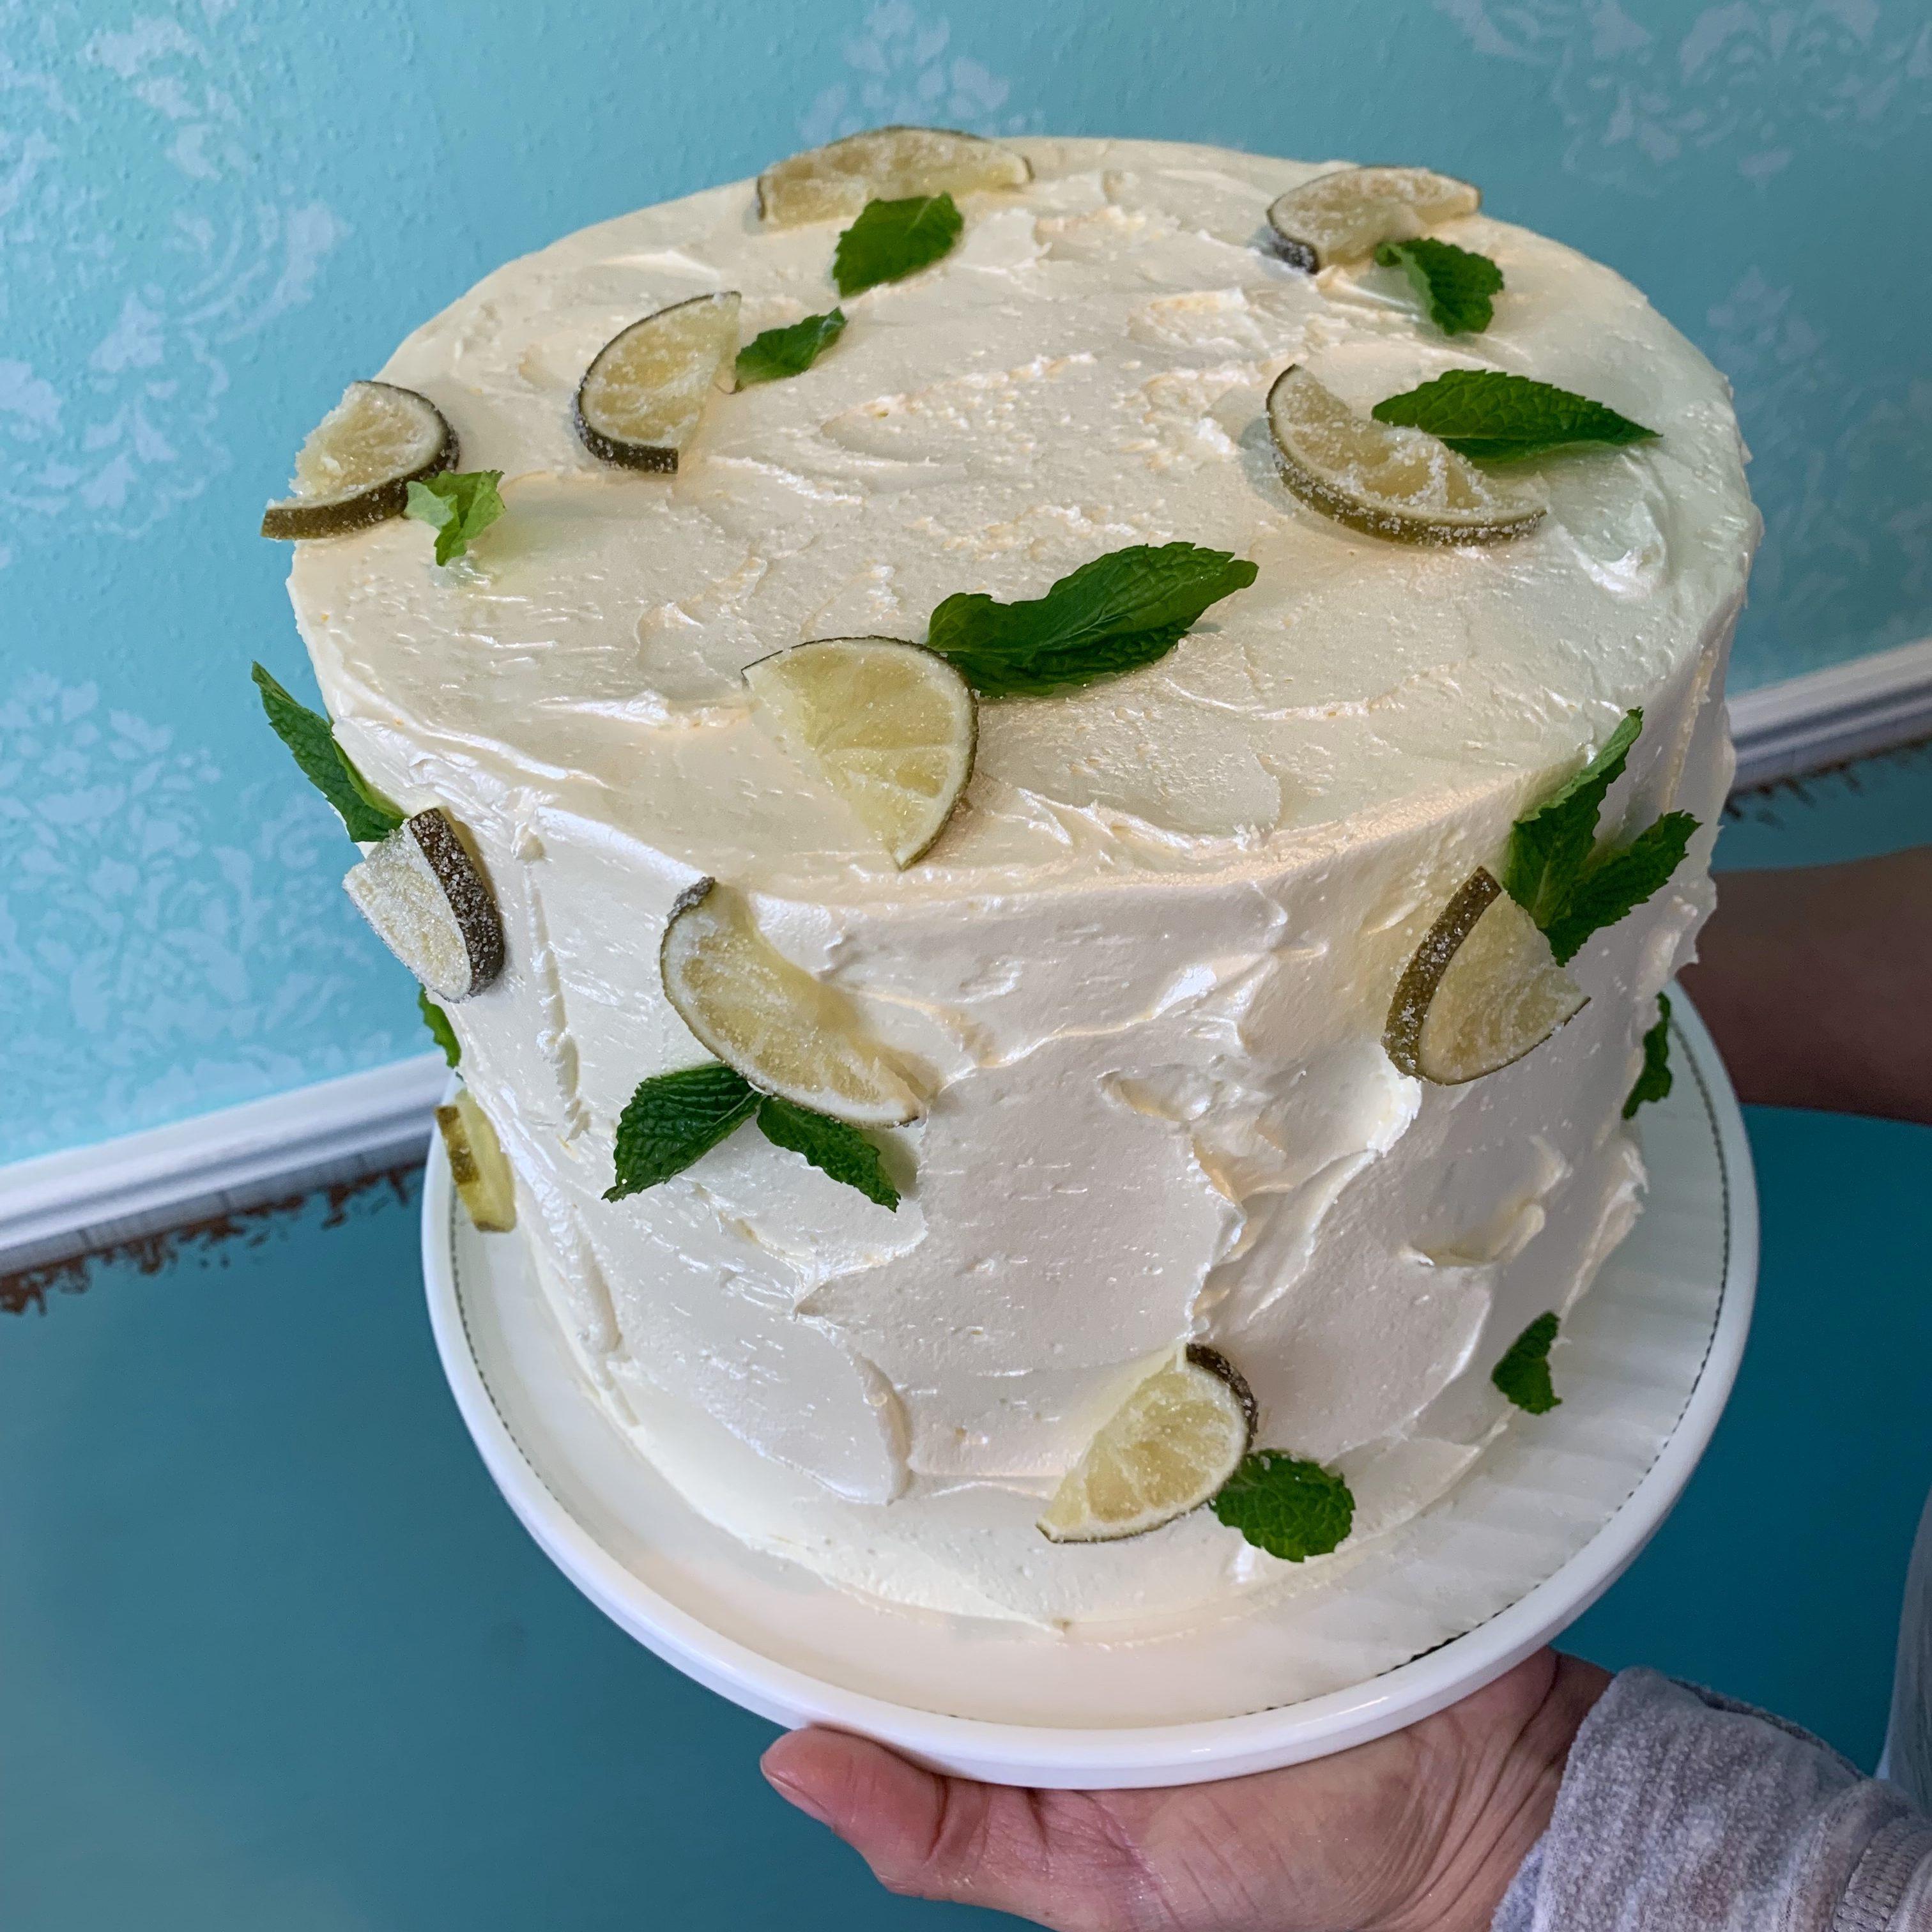 https://delicatelydelicious.com/wp-content/uploads/2019/05/Key-Lime-Pie-Dessert-Finish-e1557244216927.jpg